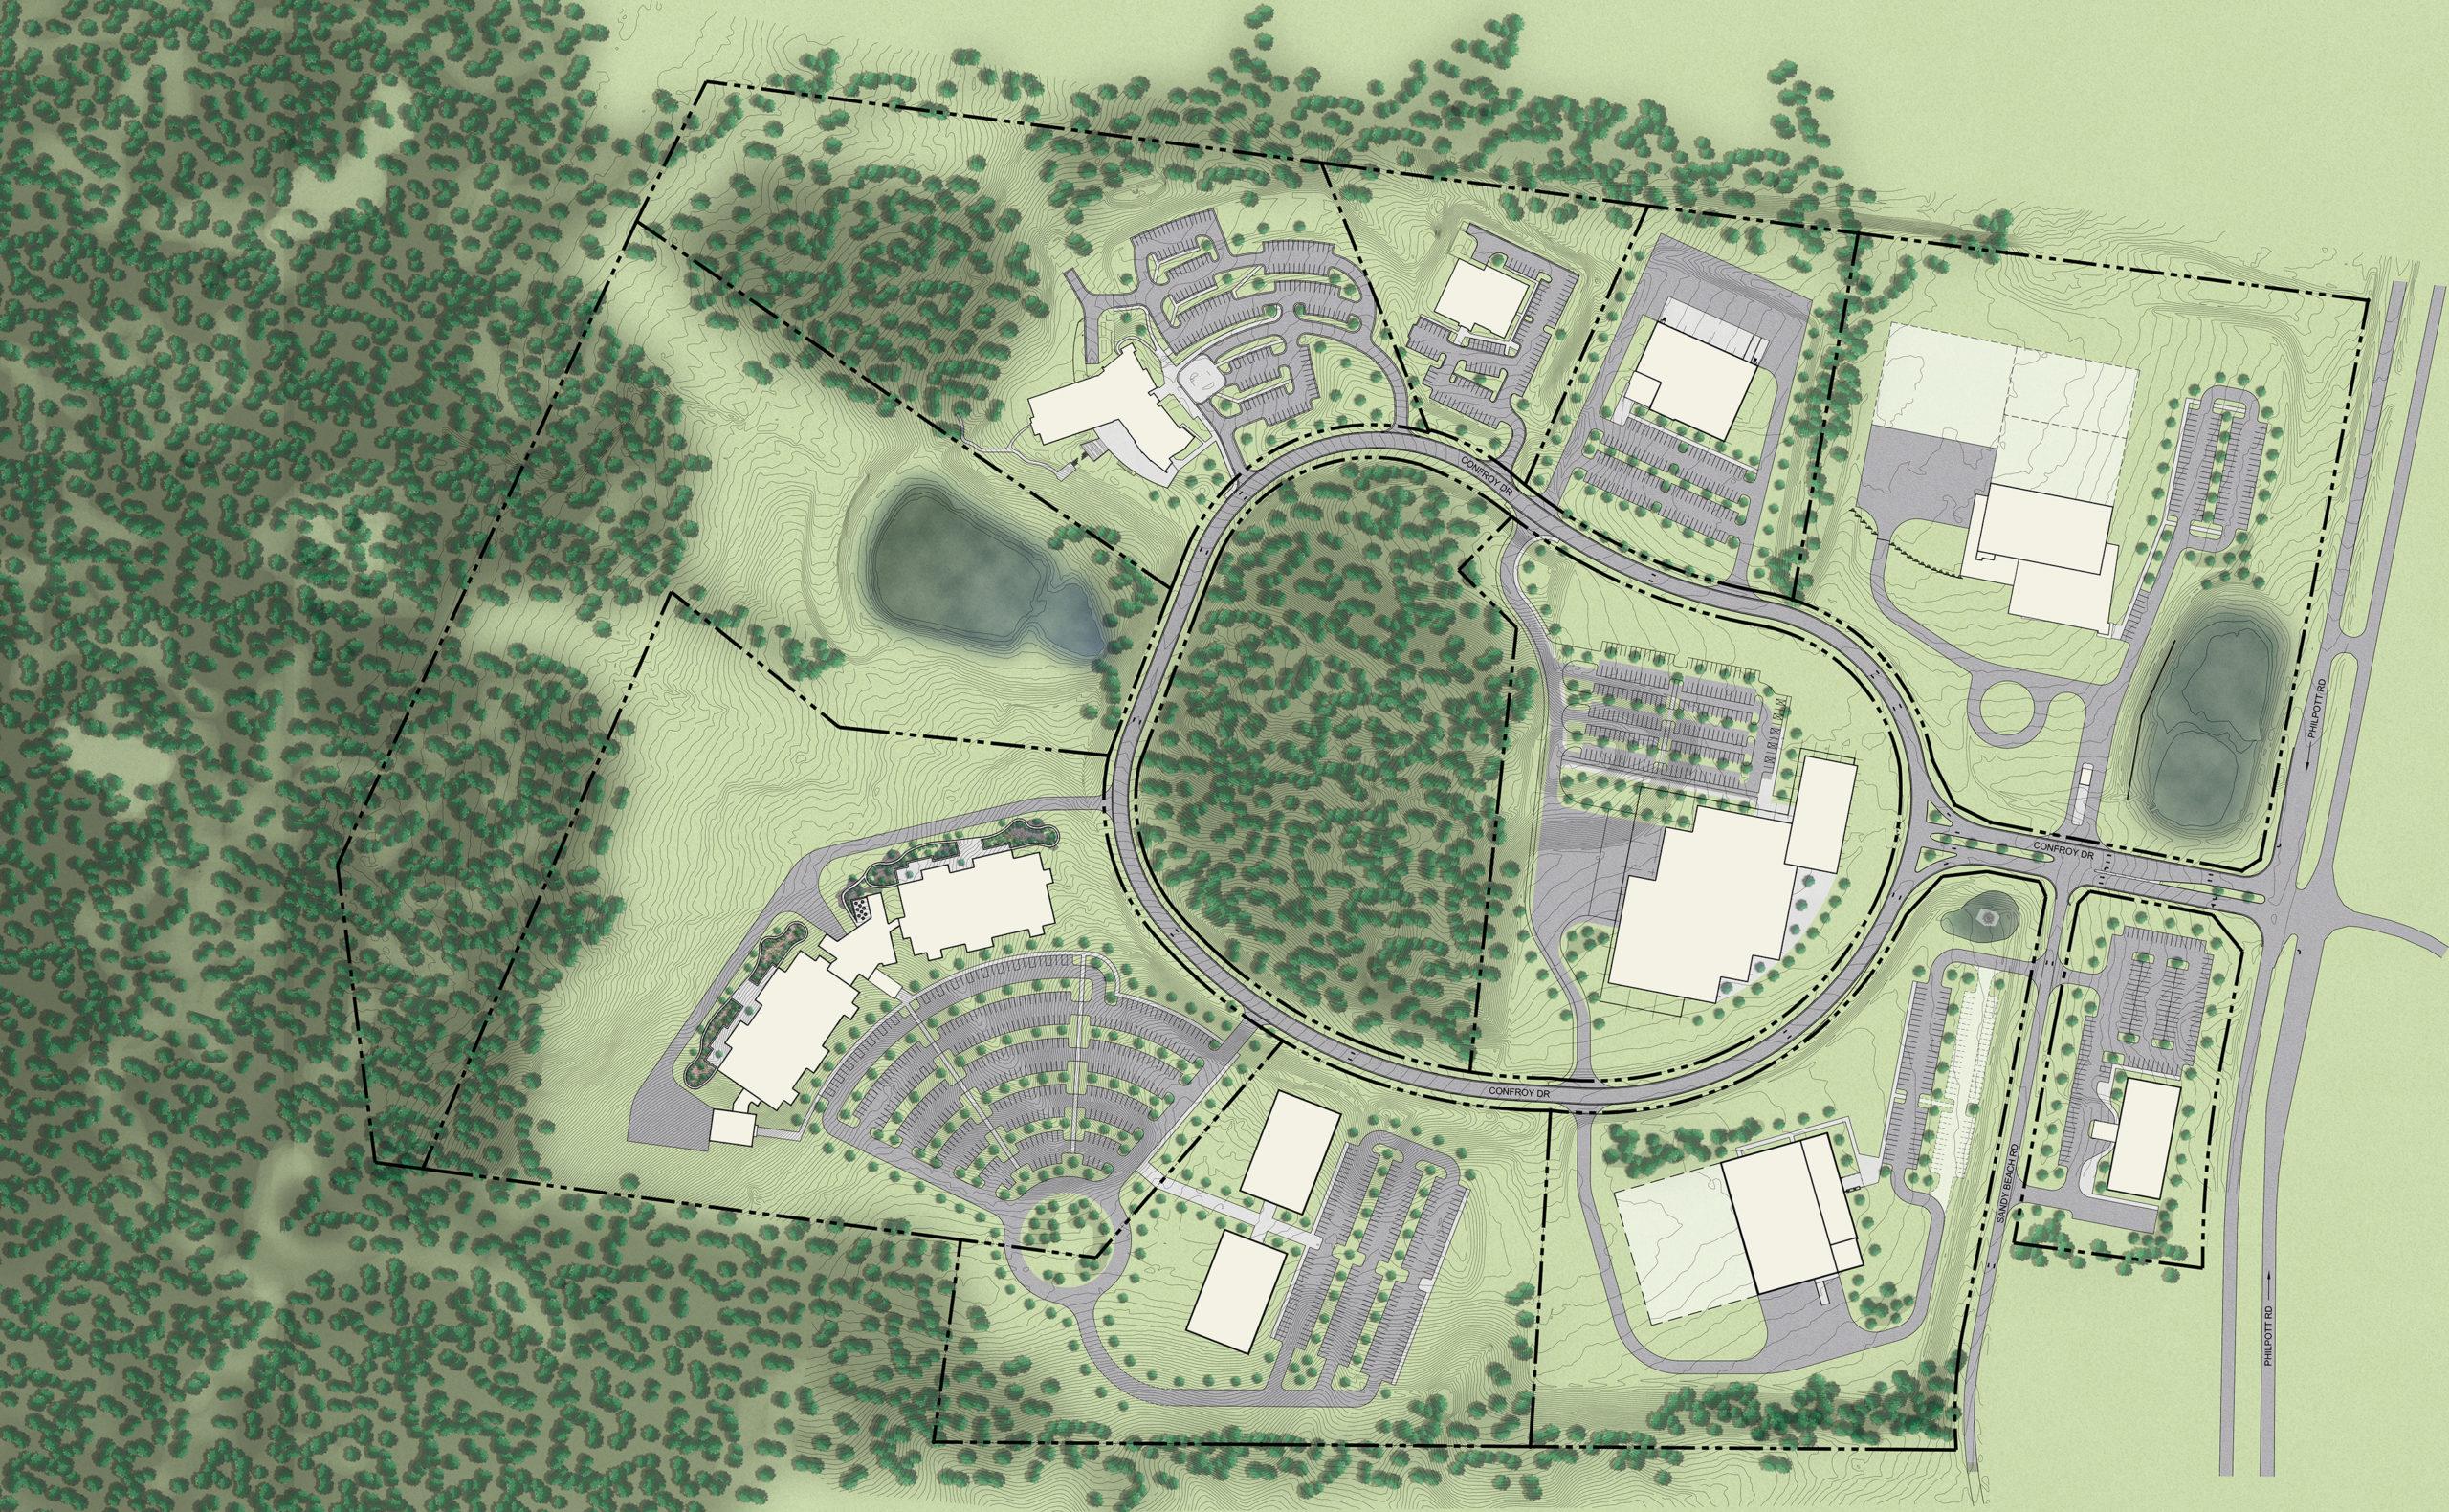 Riverstone Technology Park